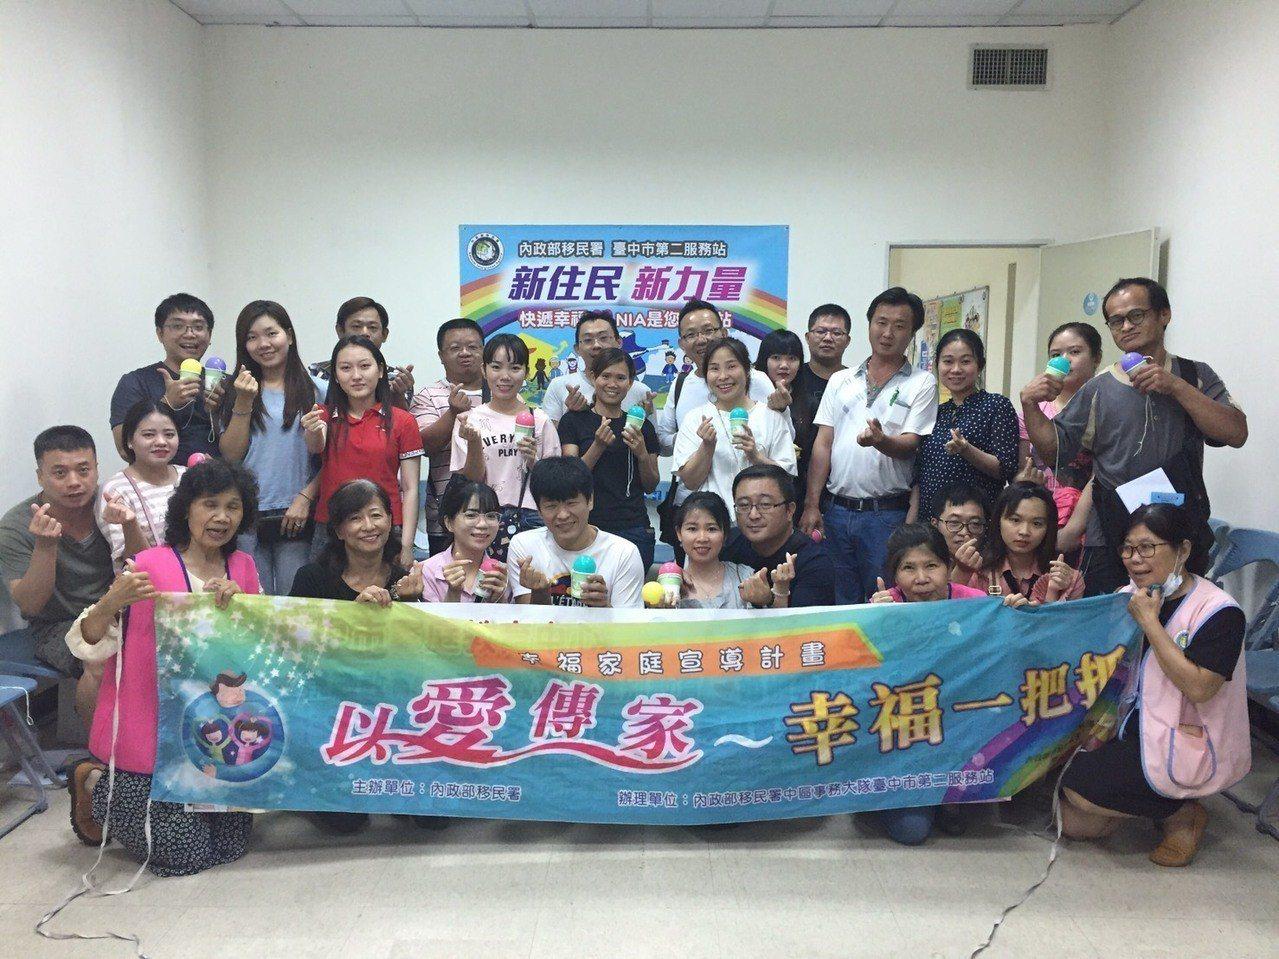 台灣為亞洲第一個法入家門國家 東南亞姊妹:很安心